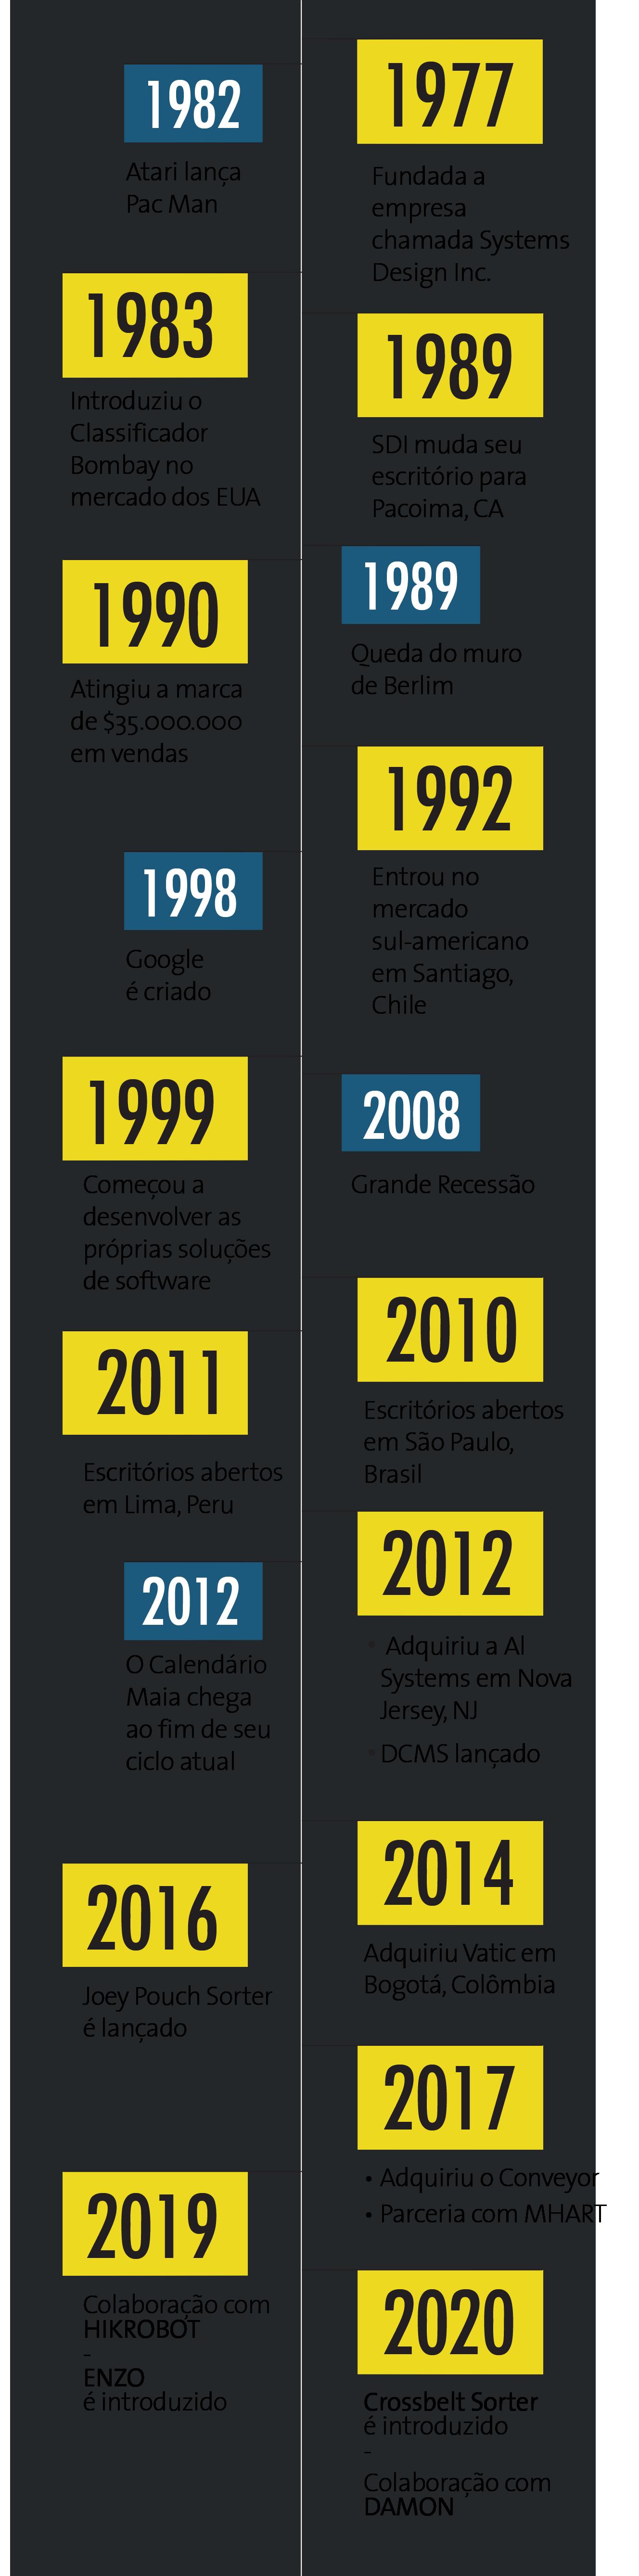 SDI-Timeline-2020-MOBILE-POR_2